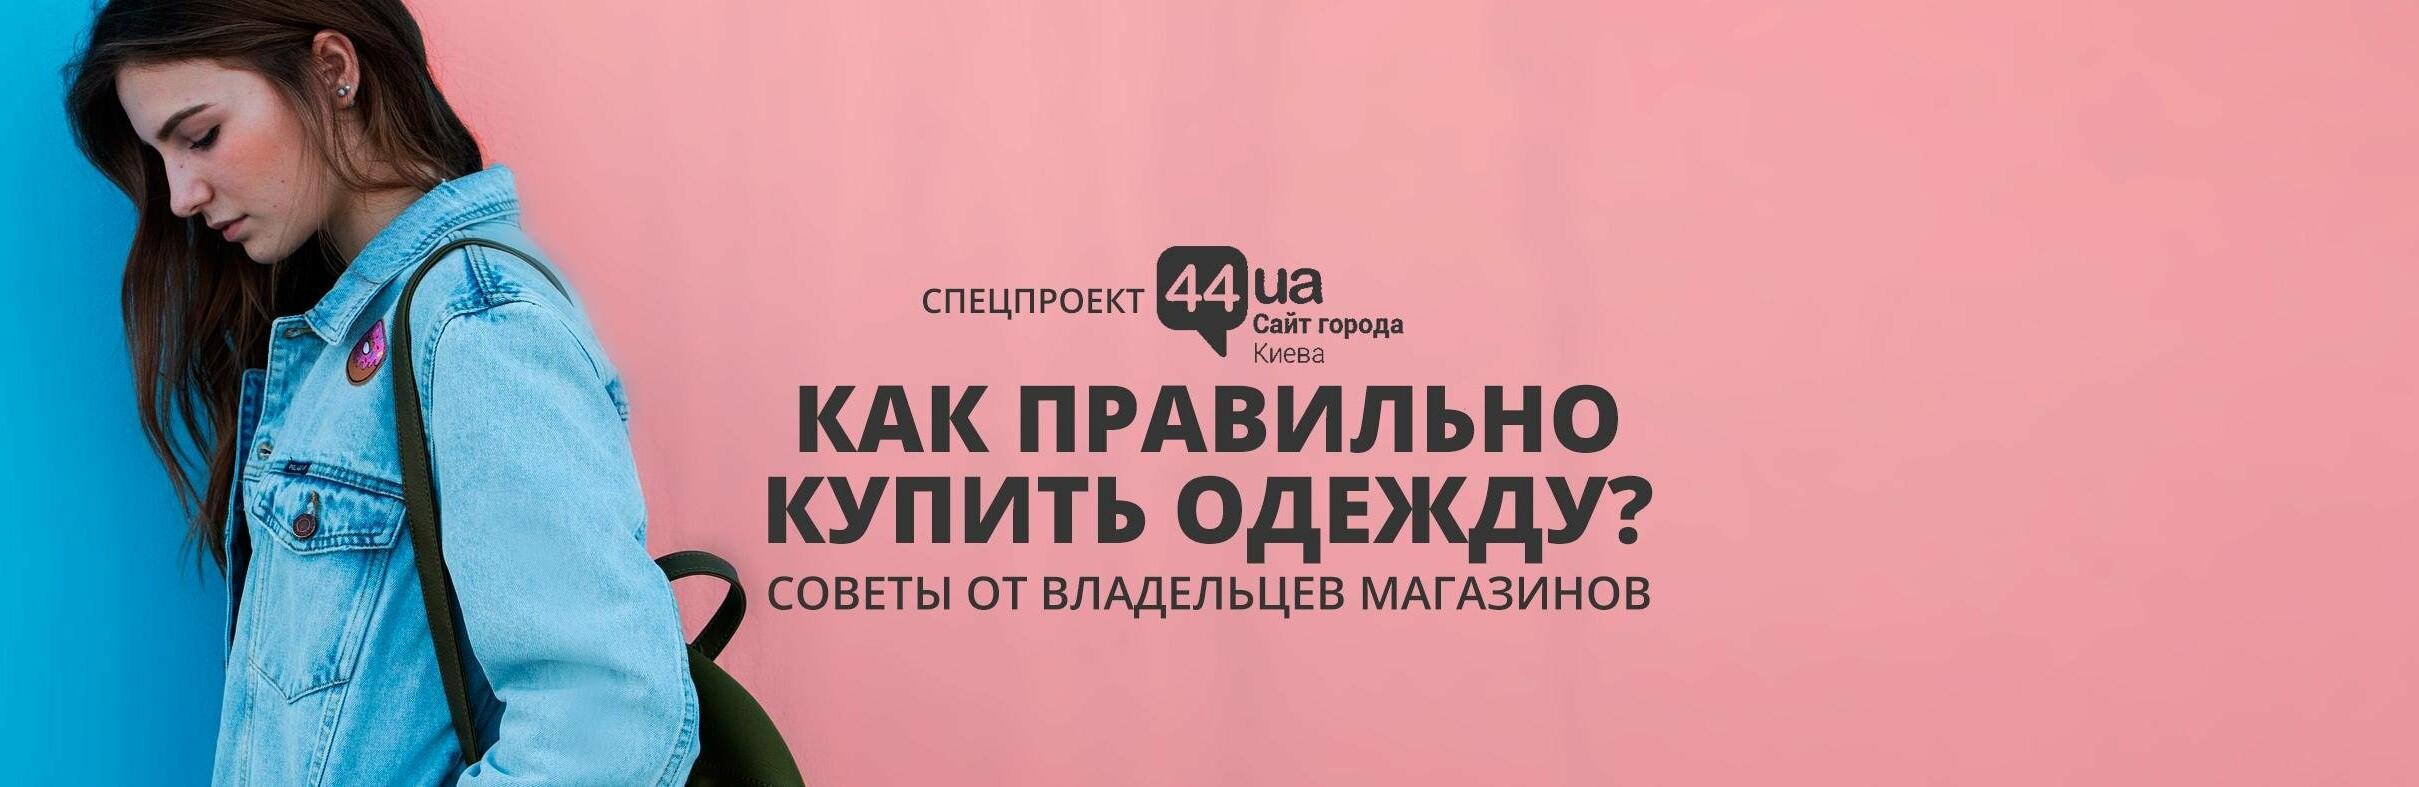 be4787a830c6 Как правильно купить одежду: советы от владельцев магазинов - 44.ua